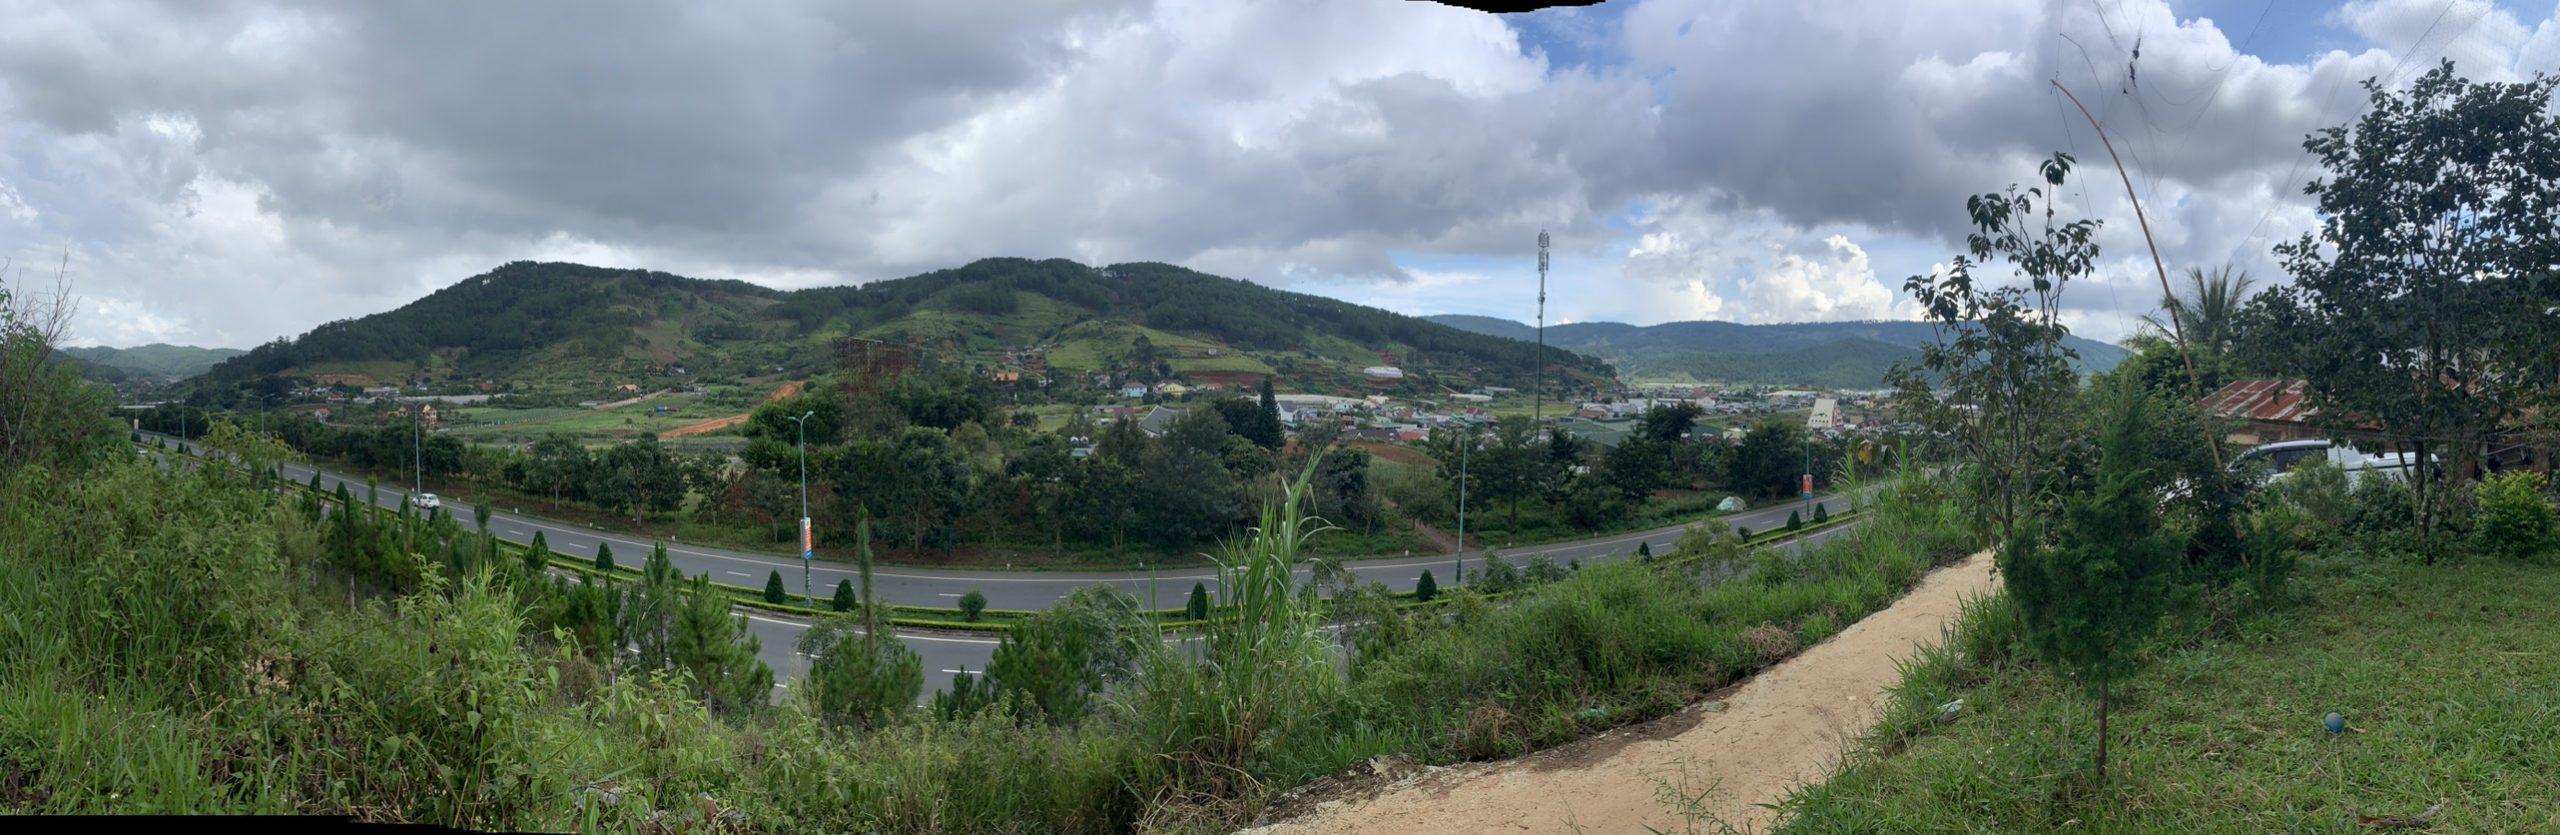 Bán Đất Đức Trọng – Lâm Đồng